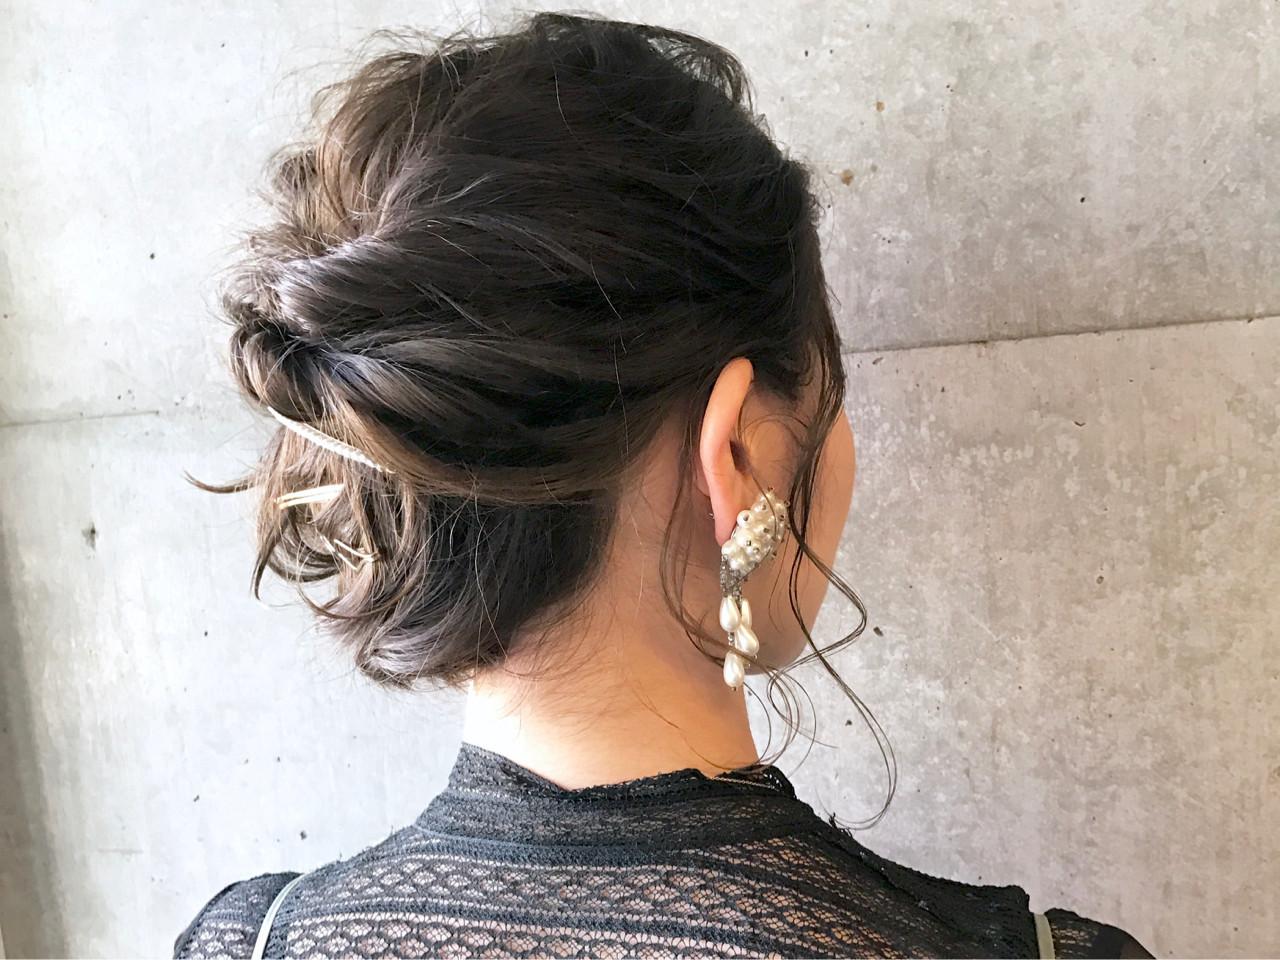 上品 結婚式 ヘアアレンジ エレガント ヘアスタイルや髪型の写真・画像